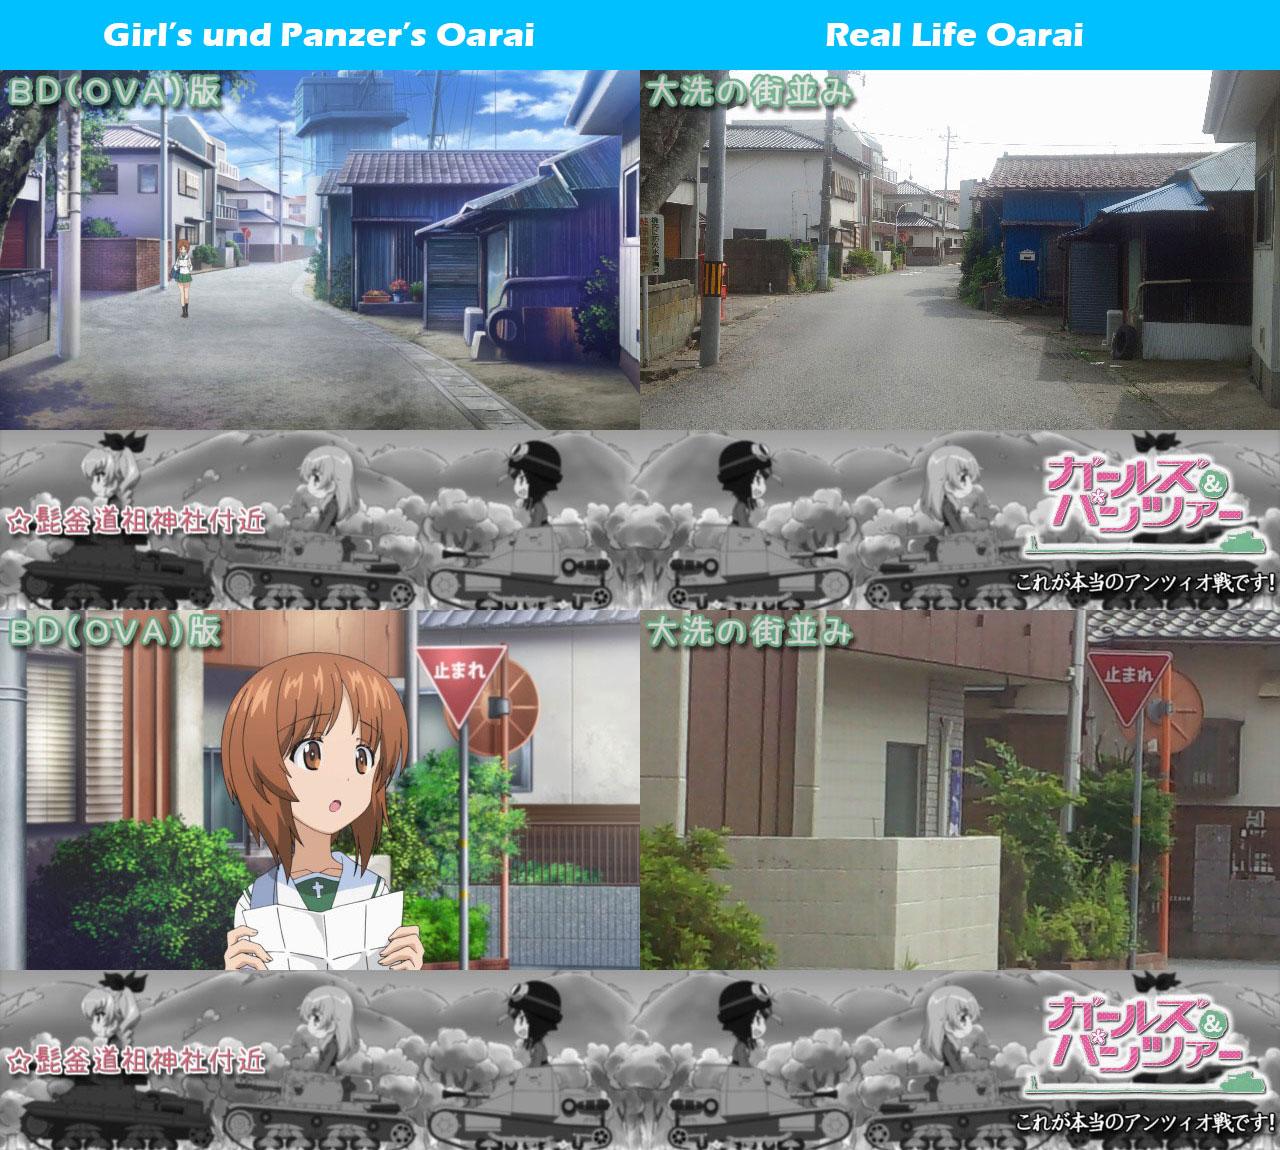 Girls-Und-Panzer-Kore-Ga-Hontou-No-Anzio-Sen-Desu-Real-Life-Comparison-Oarai